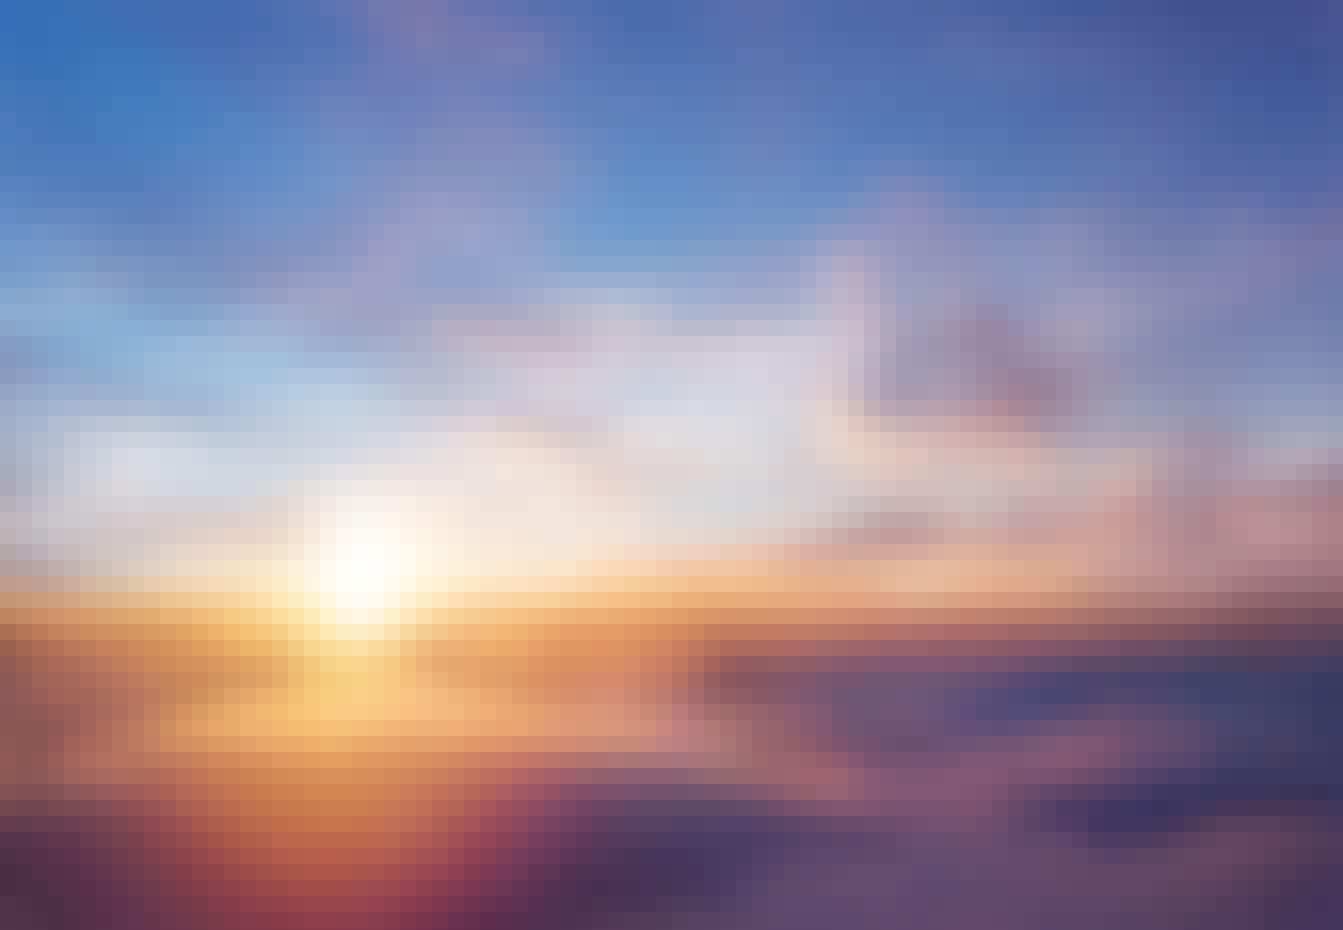 De zon verdwijnt achter de wolken